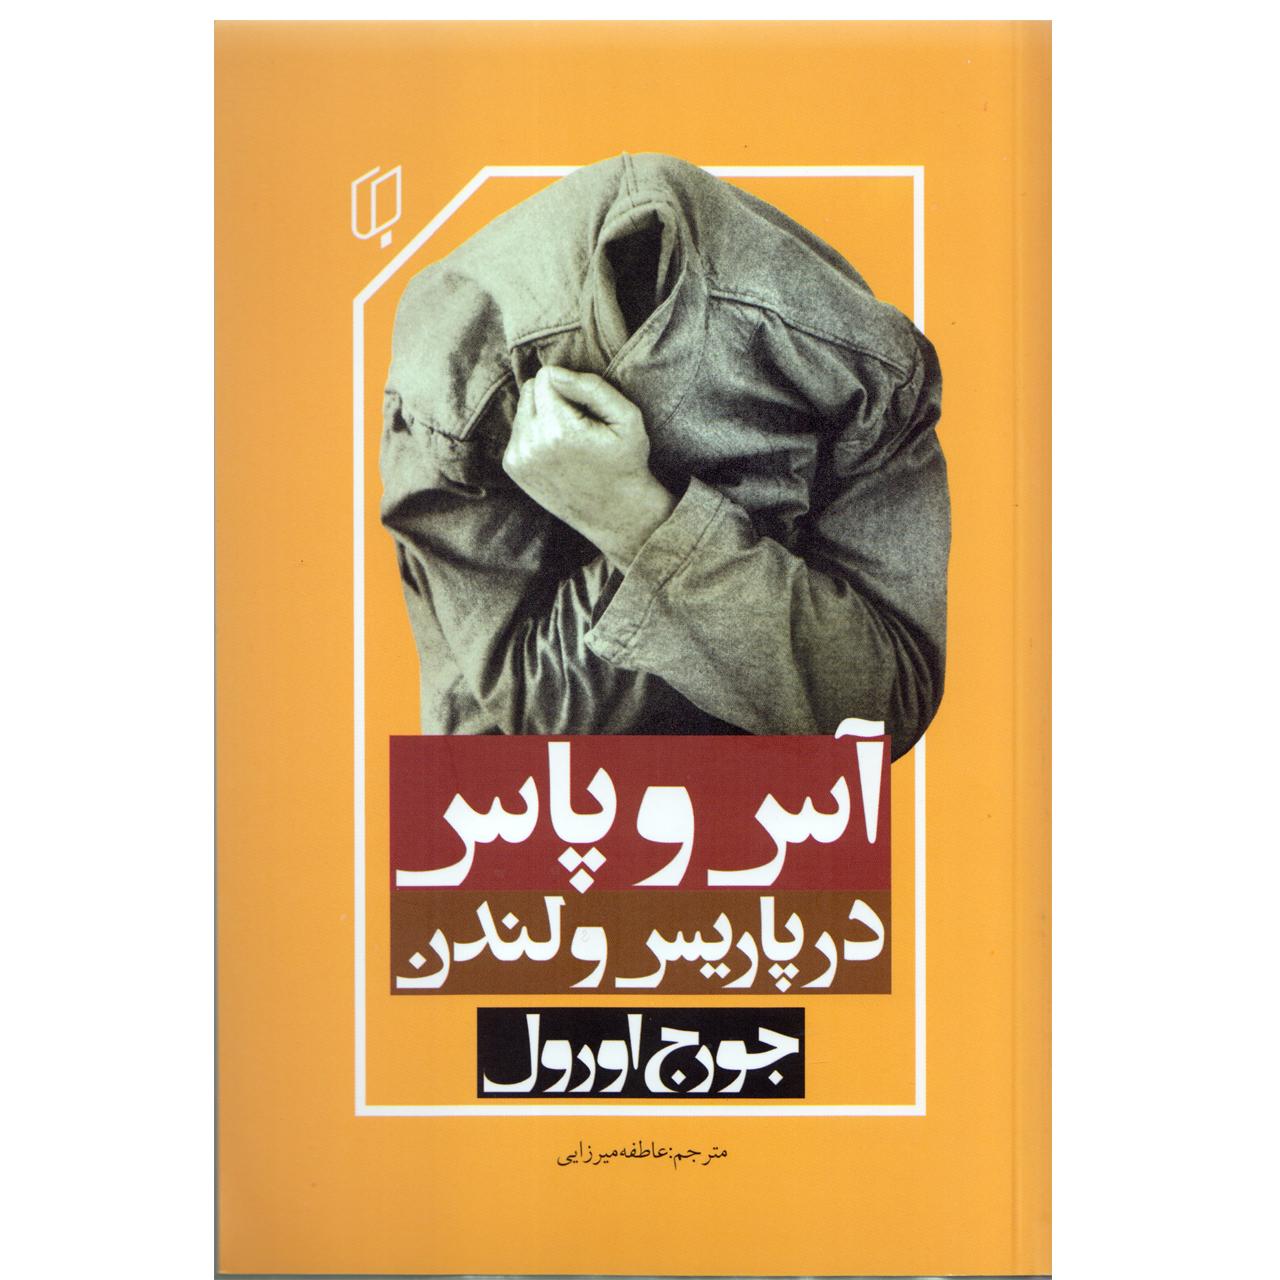 خرید                      كتاب آس و پاس در پاريس و لندن اثر جورج اورول نشر باران خرد